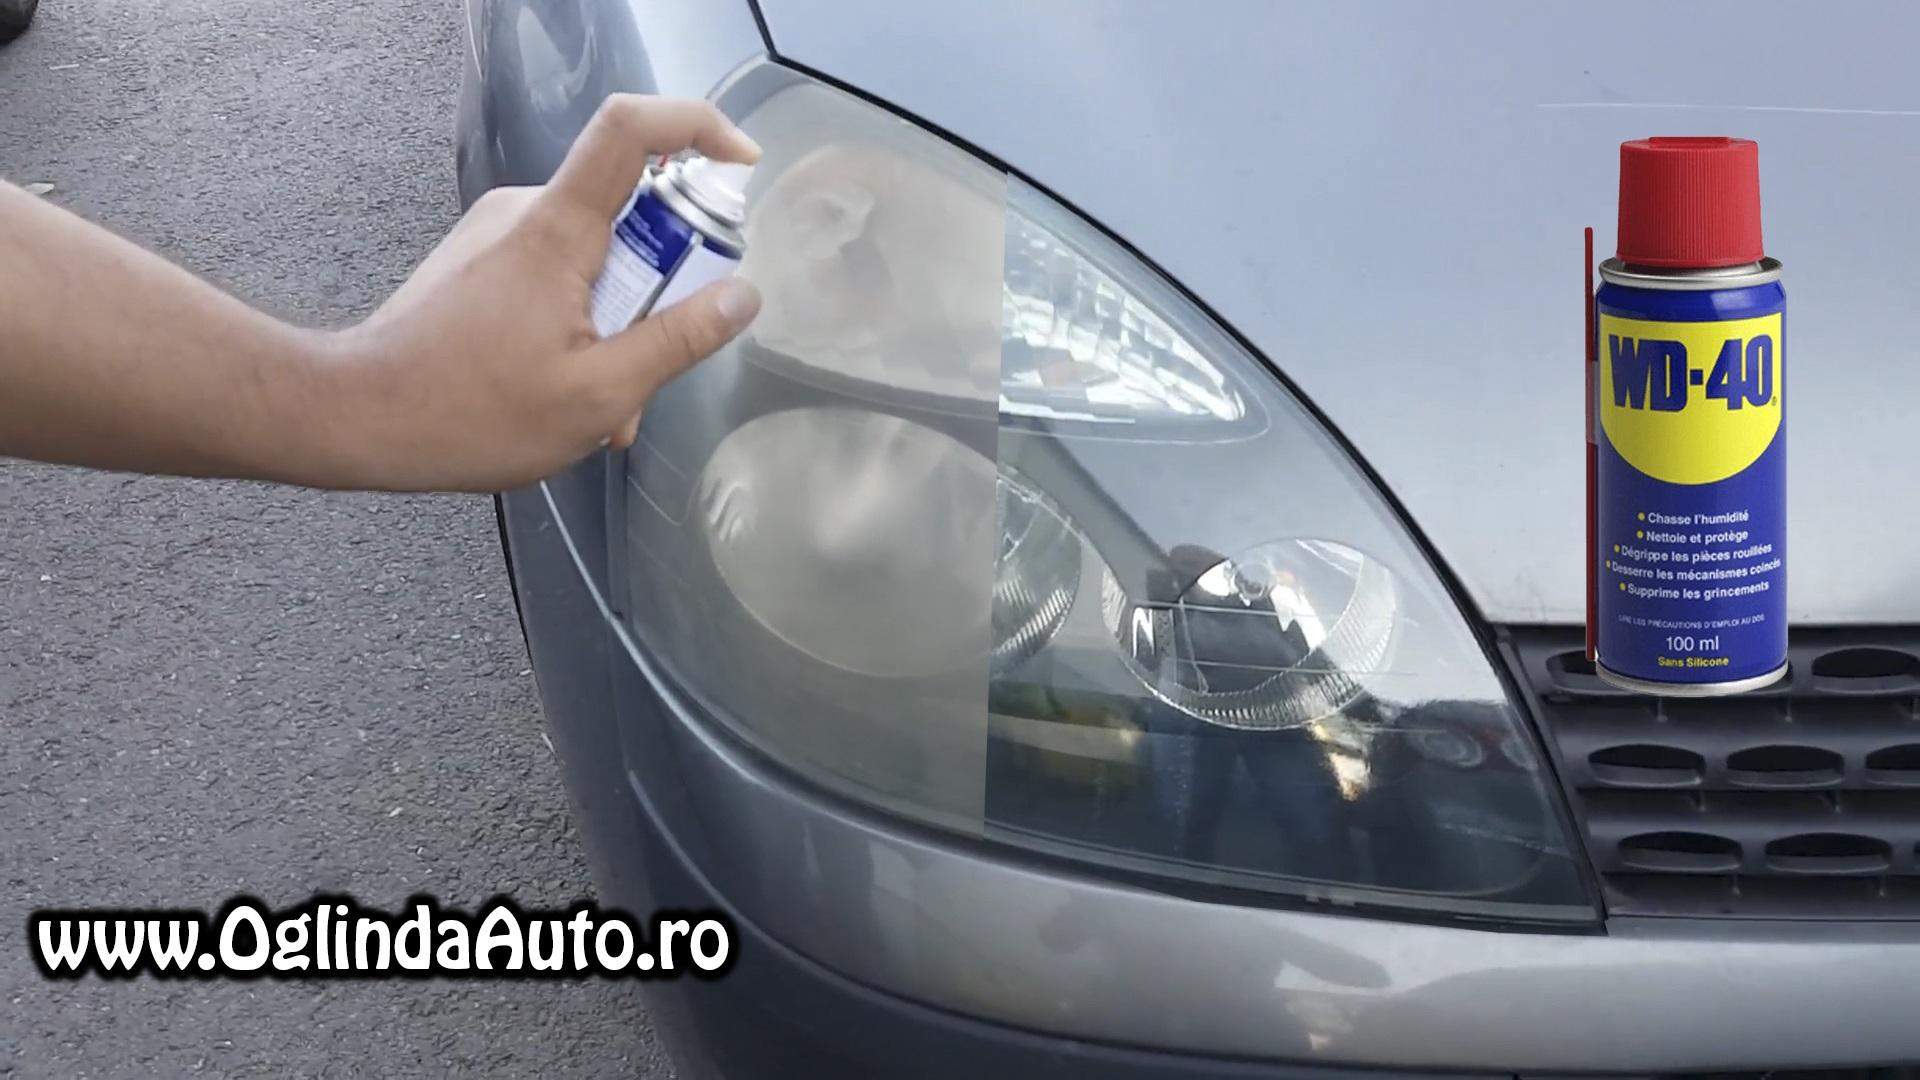 Scapade farurile matuite la masina ta cu o simpla carpa si spray-ul WD-40. Aplica spray pe far si freacal cu o carpa vedeti in clipul de mai jos.